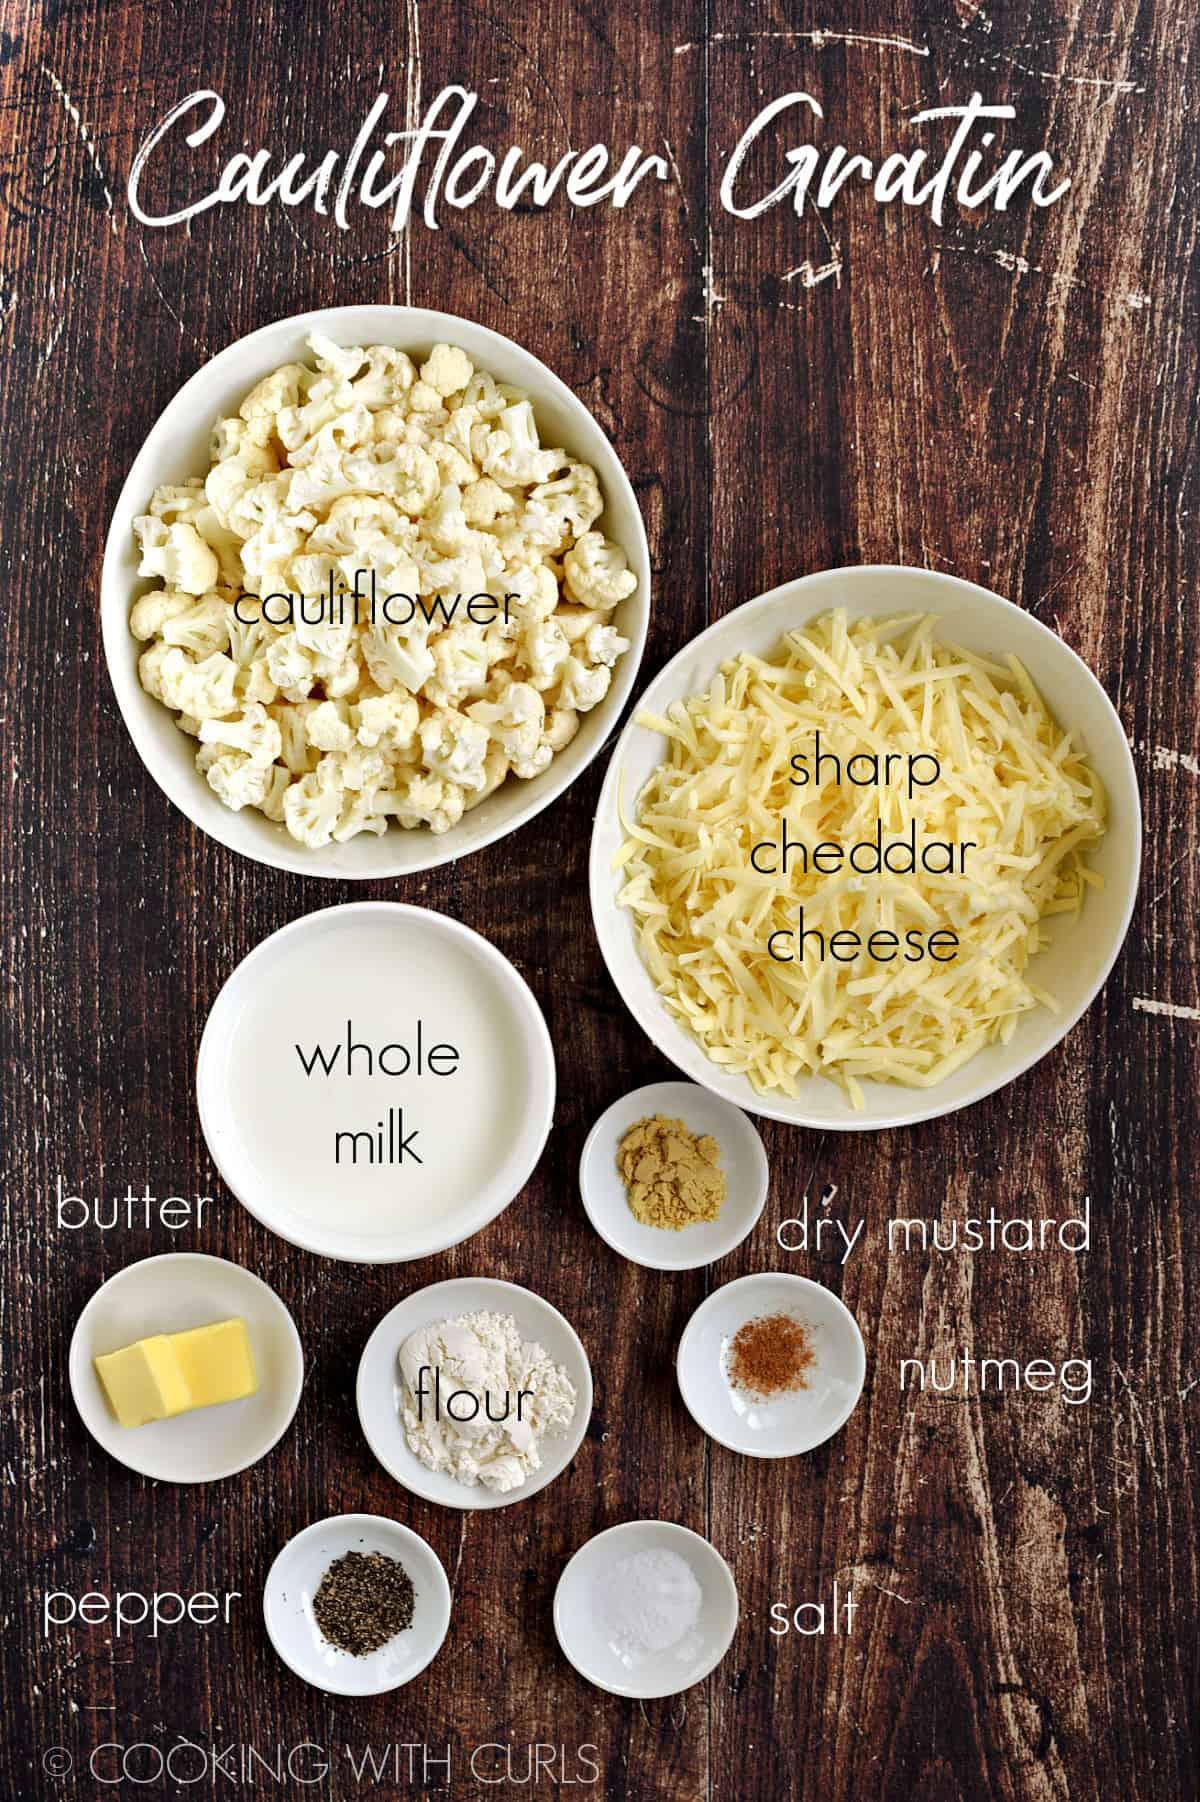 Cauliflower Gratin ingredients in white bowls.